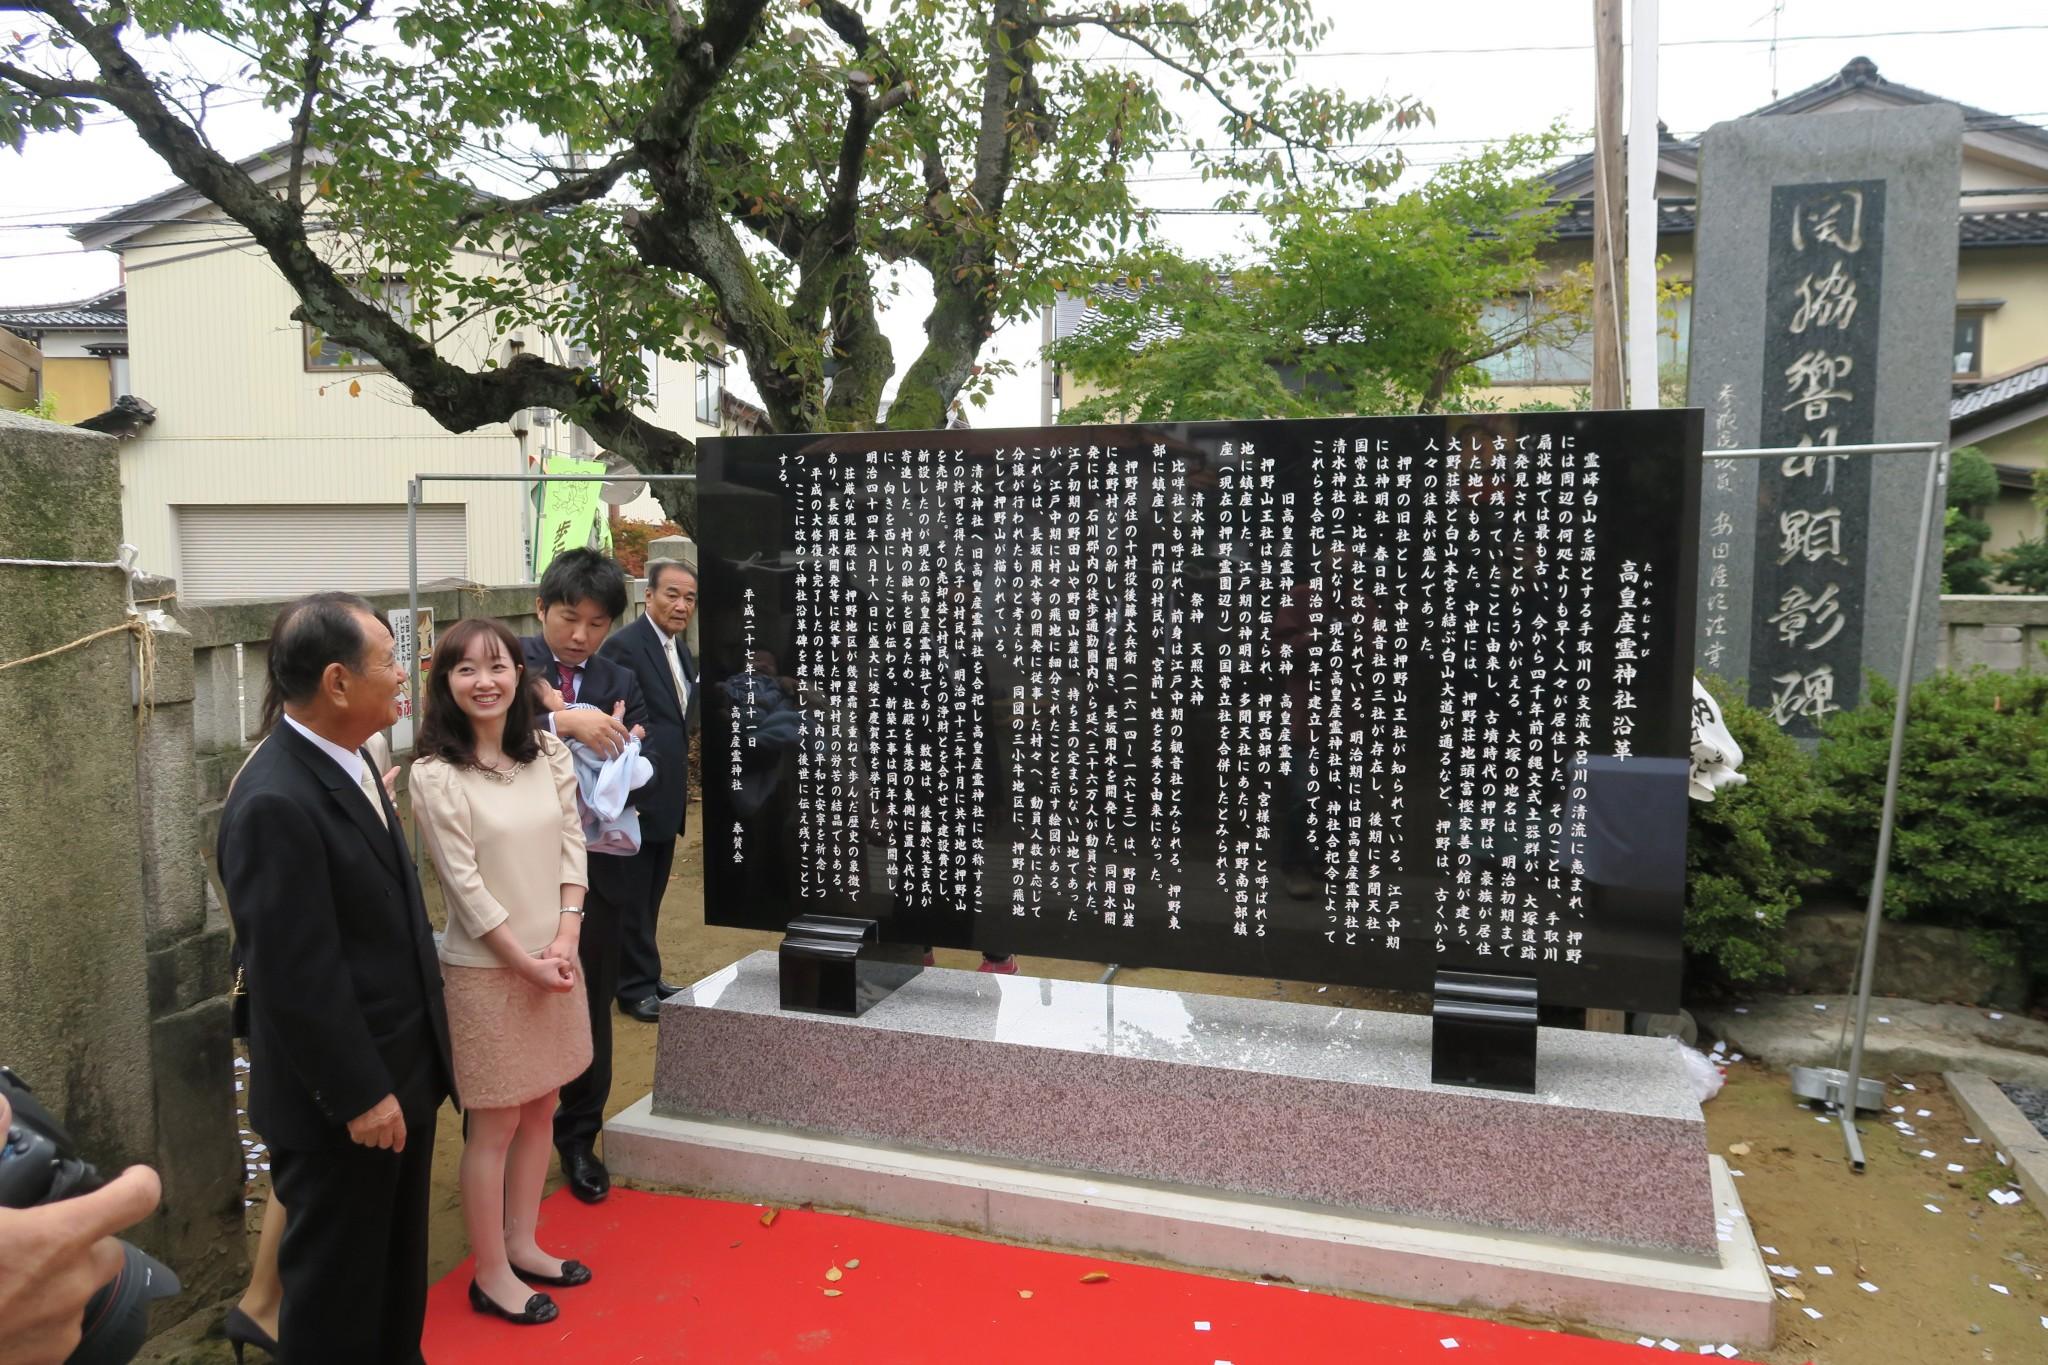 高皇産霊神社沿革碑建立除幕式